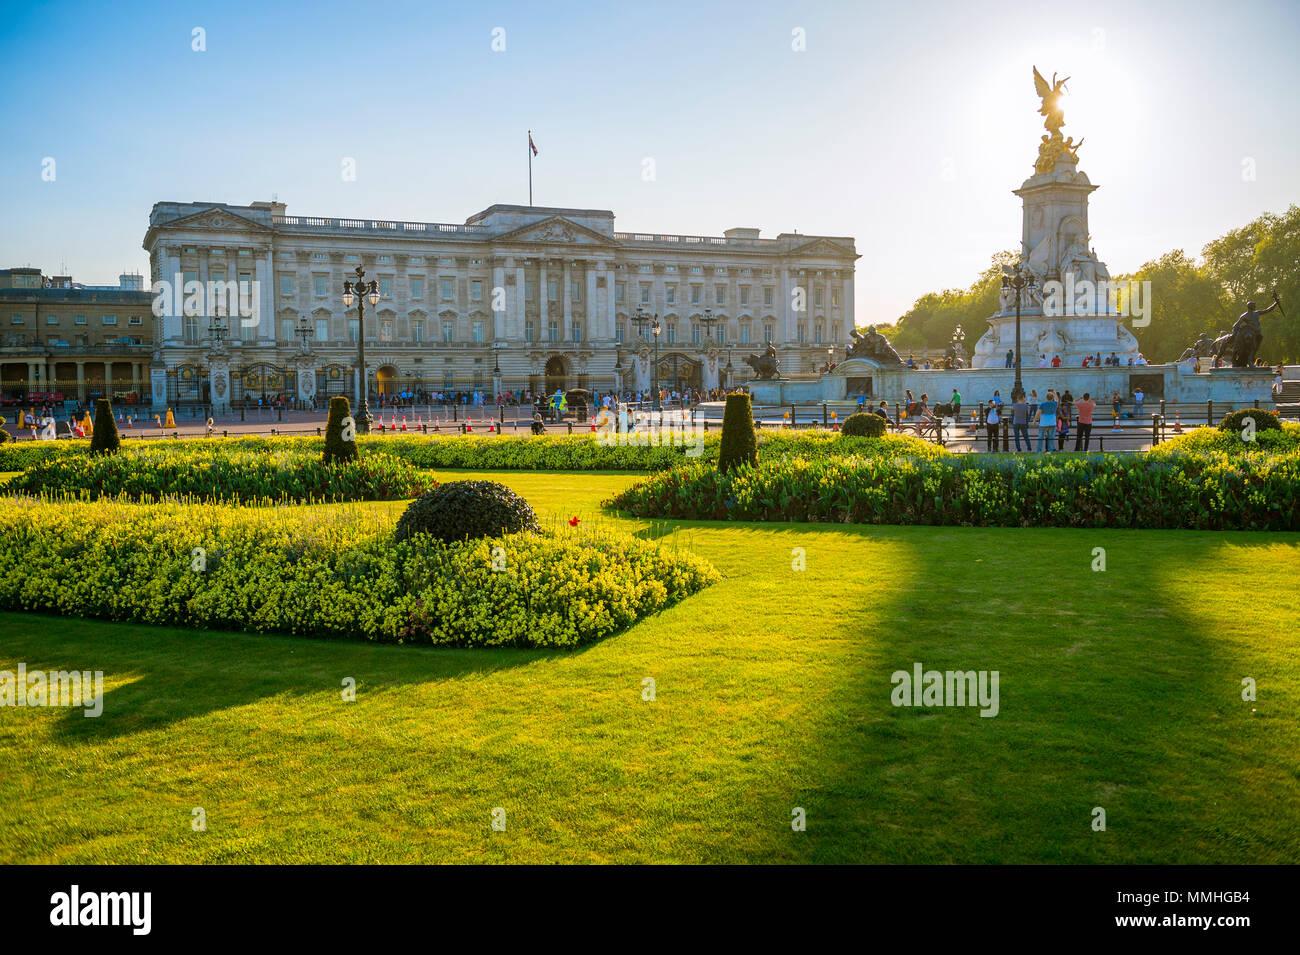 Londres - le 7 mai 2018: voir l'ensemble de fleurs devant le palais de Buckingham au coucher du soleil. Photo Stock